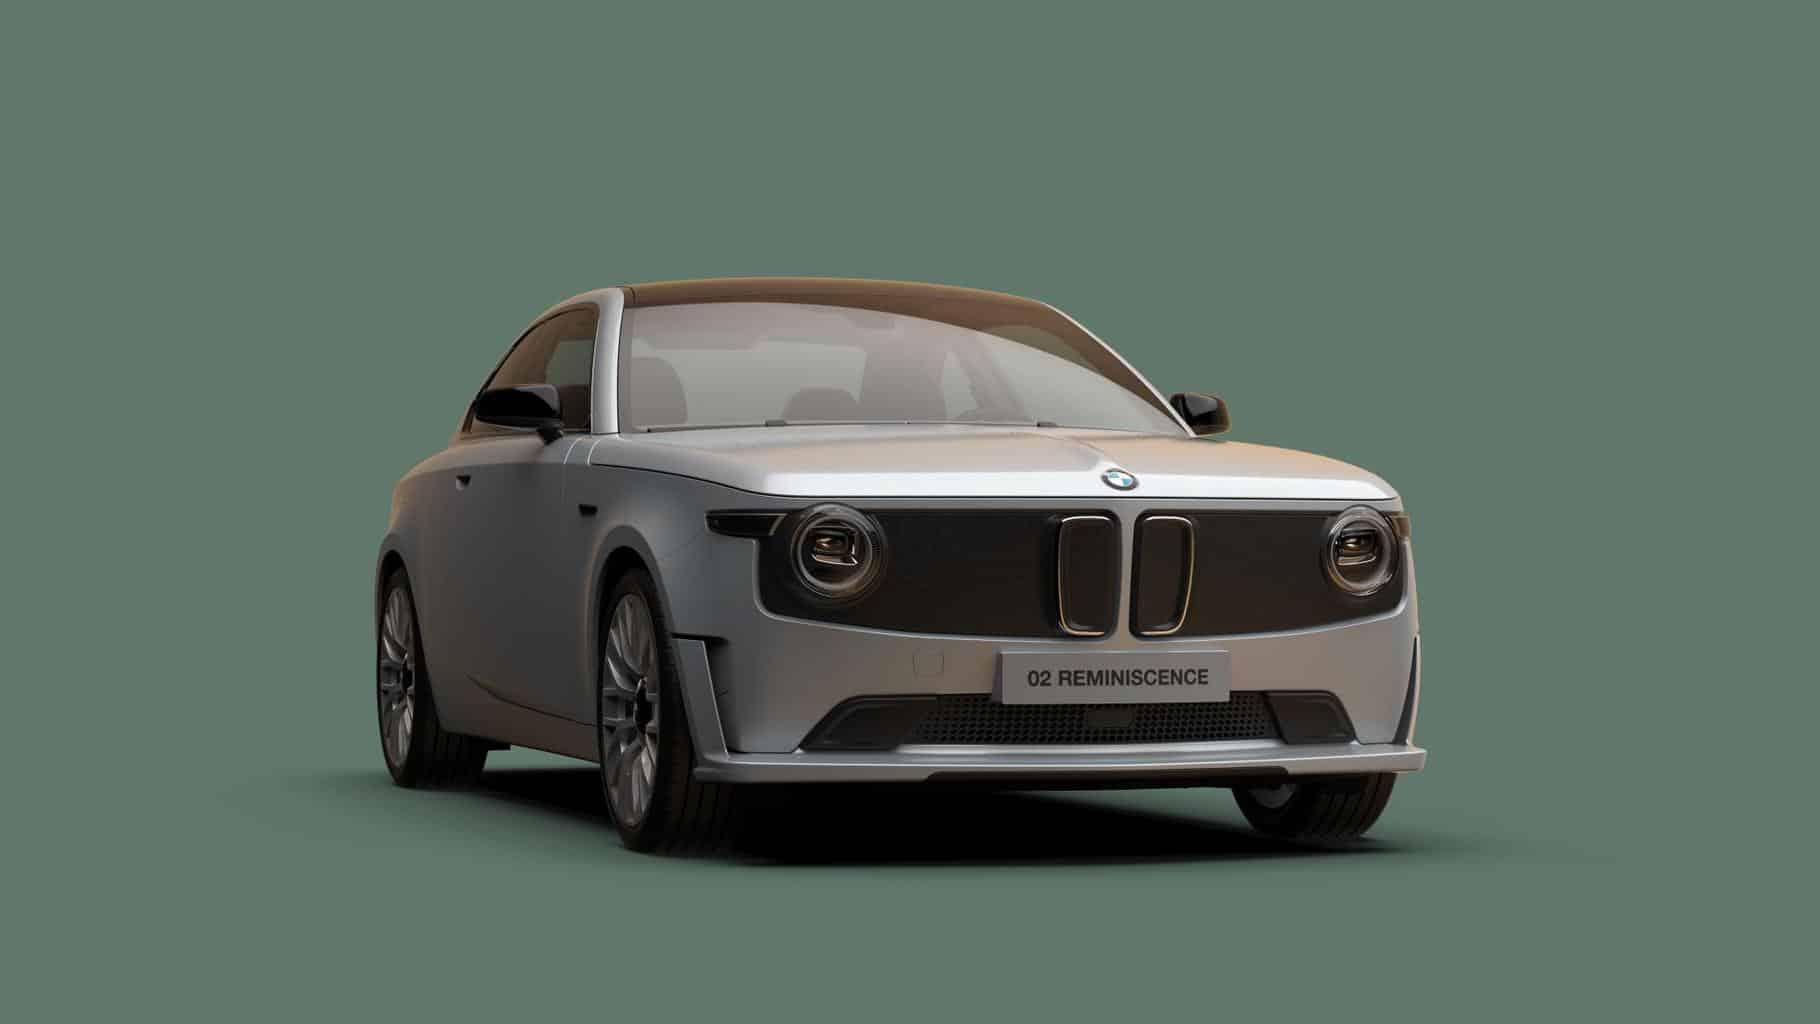 BMW 02 Reminiscence Concept zeigt E-Auto mit einem Hauch Geschichte